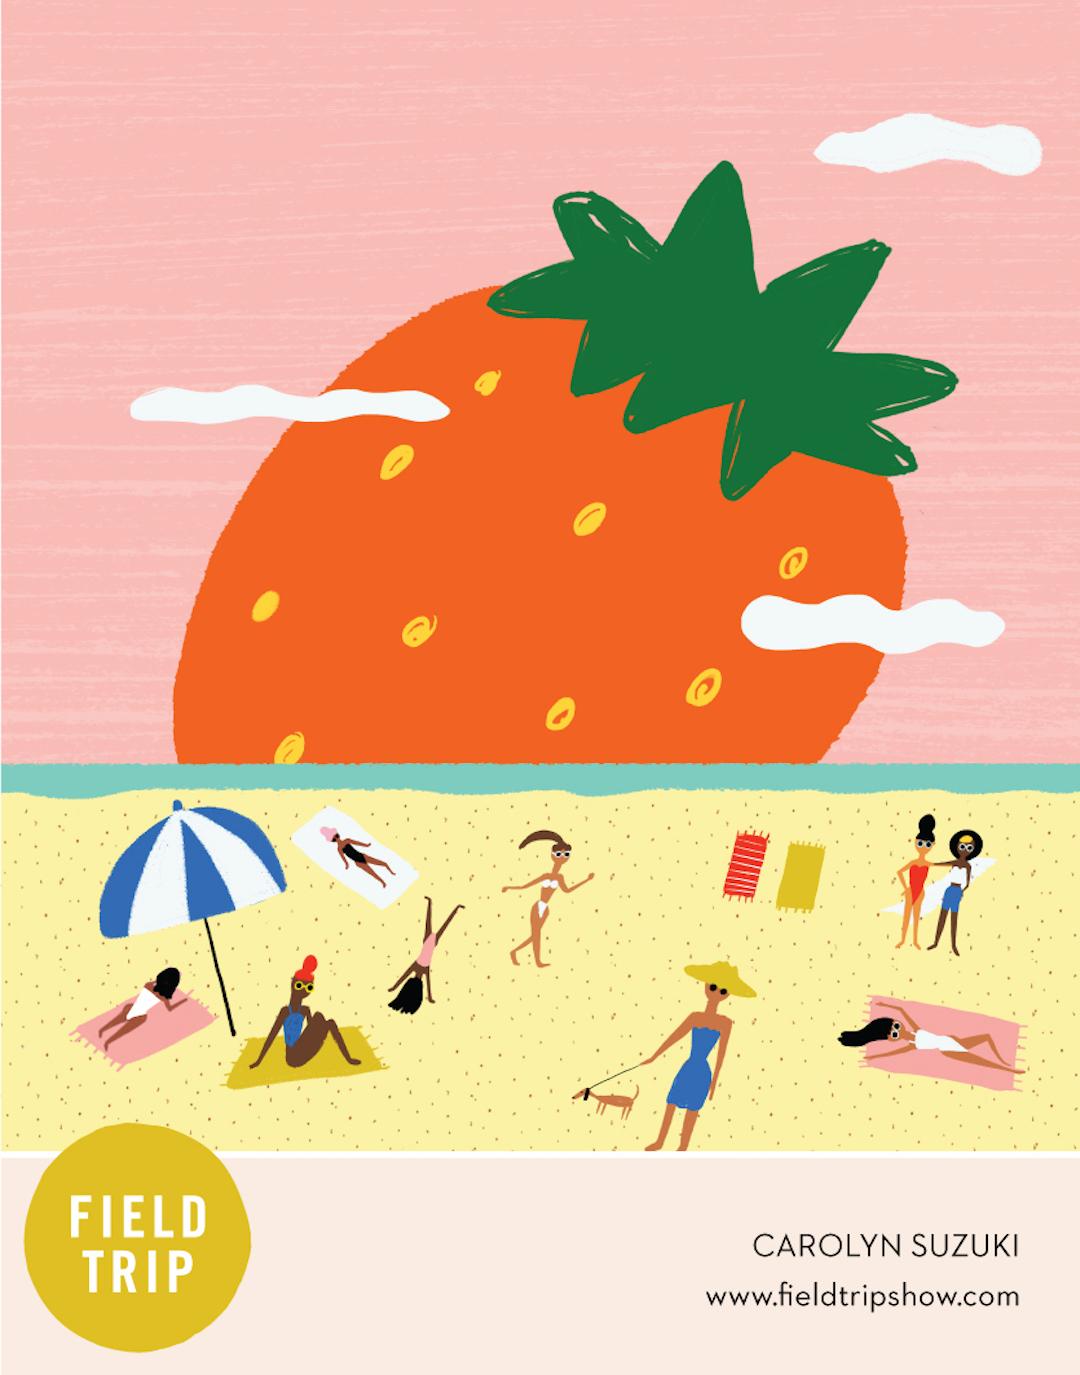 Illustration by Carolyn Suzuki